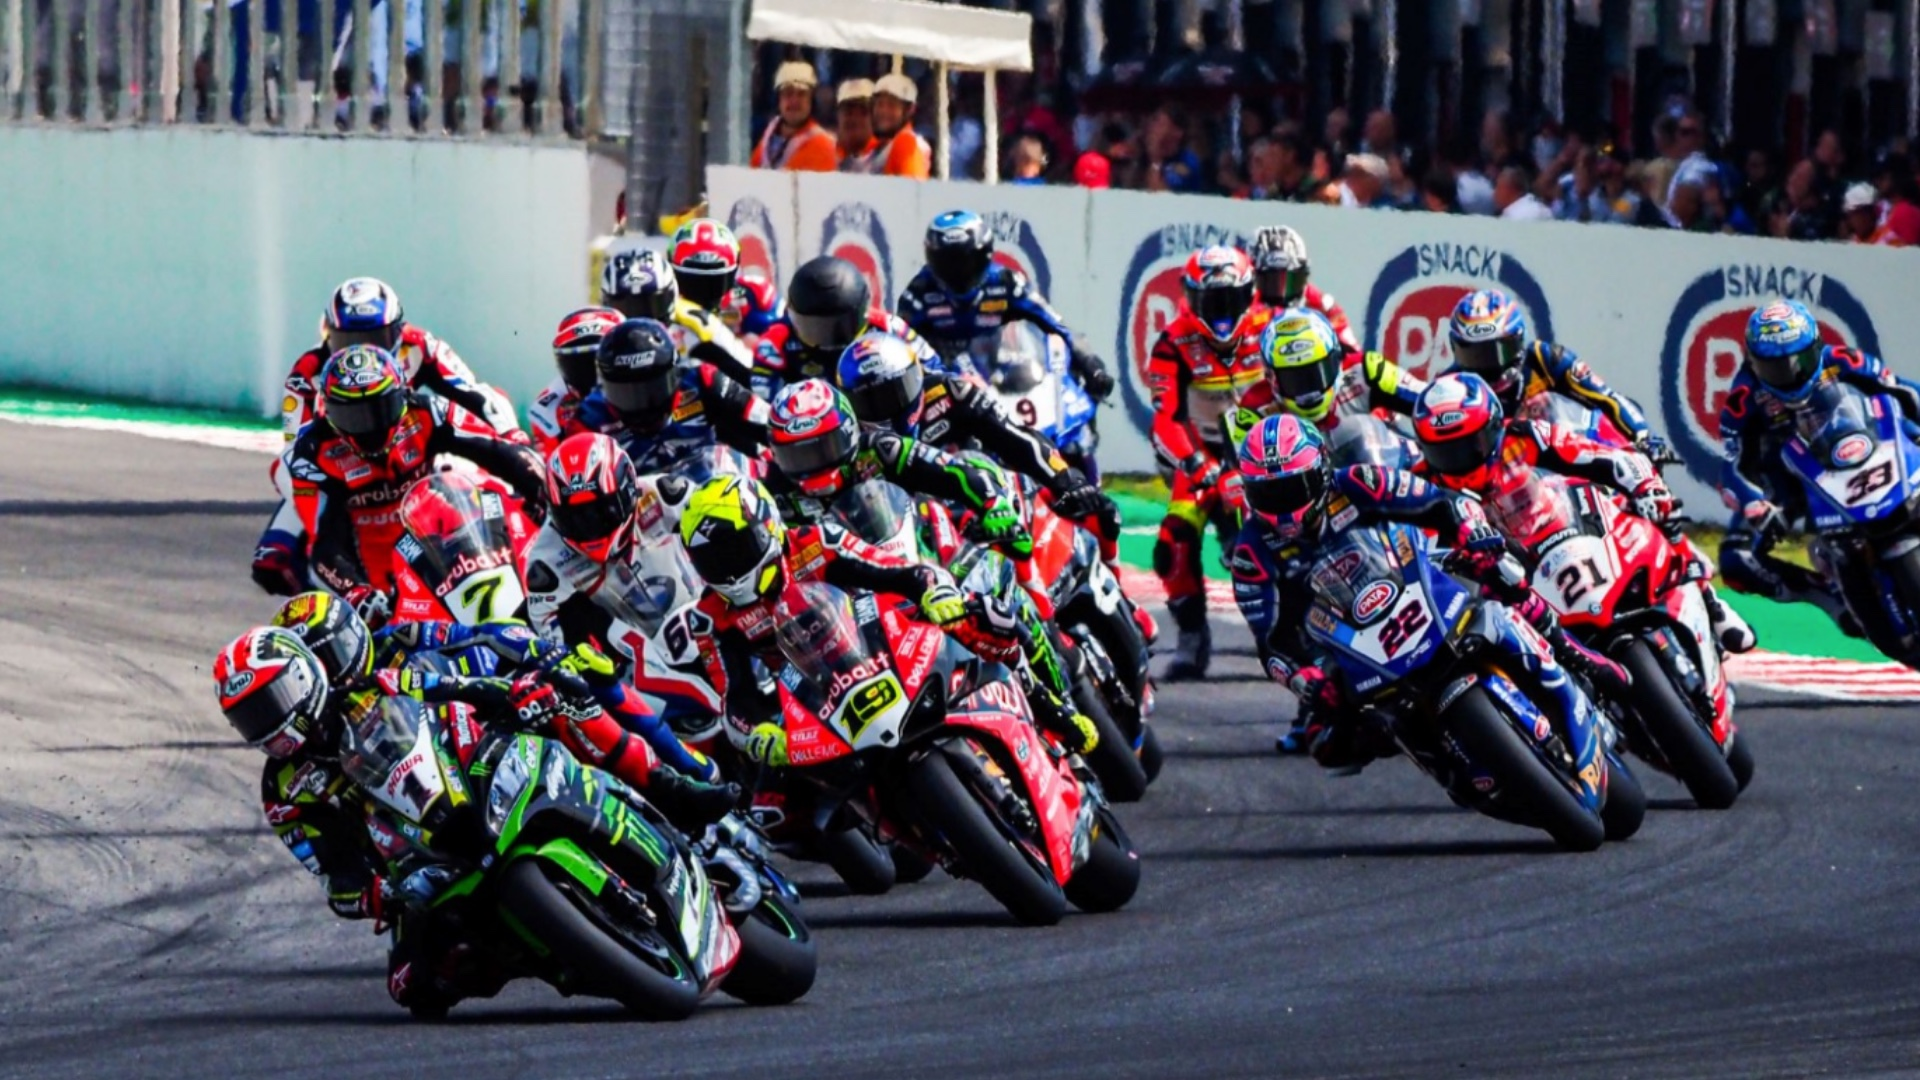 Superbike World Championship Riviera di Rimini Round 2020